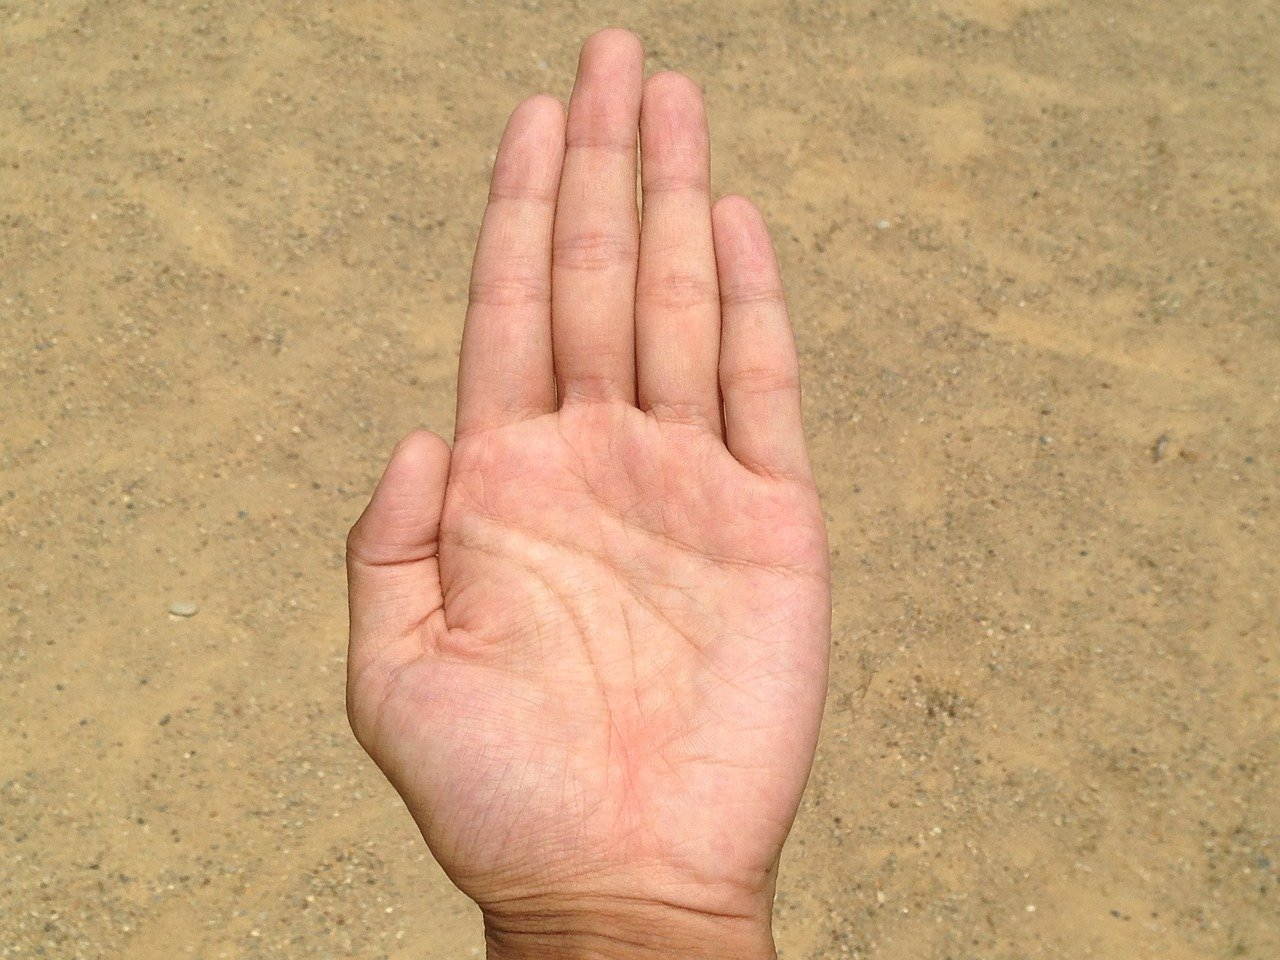 女性の手のひら